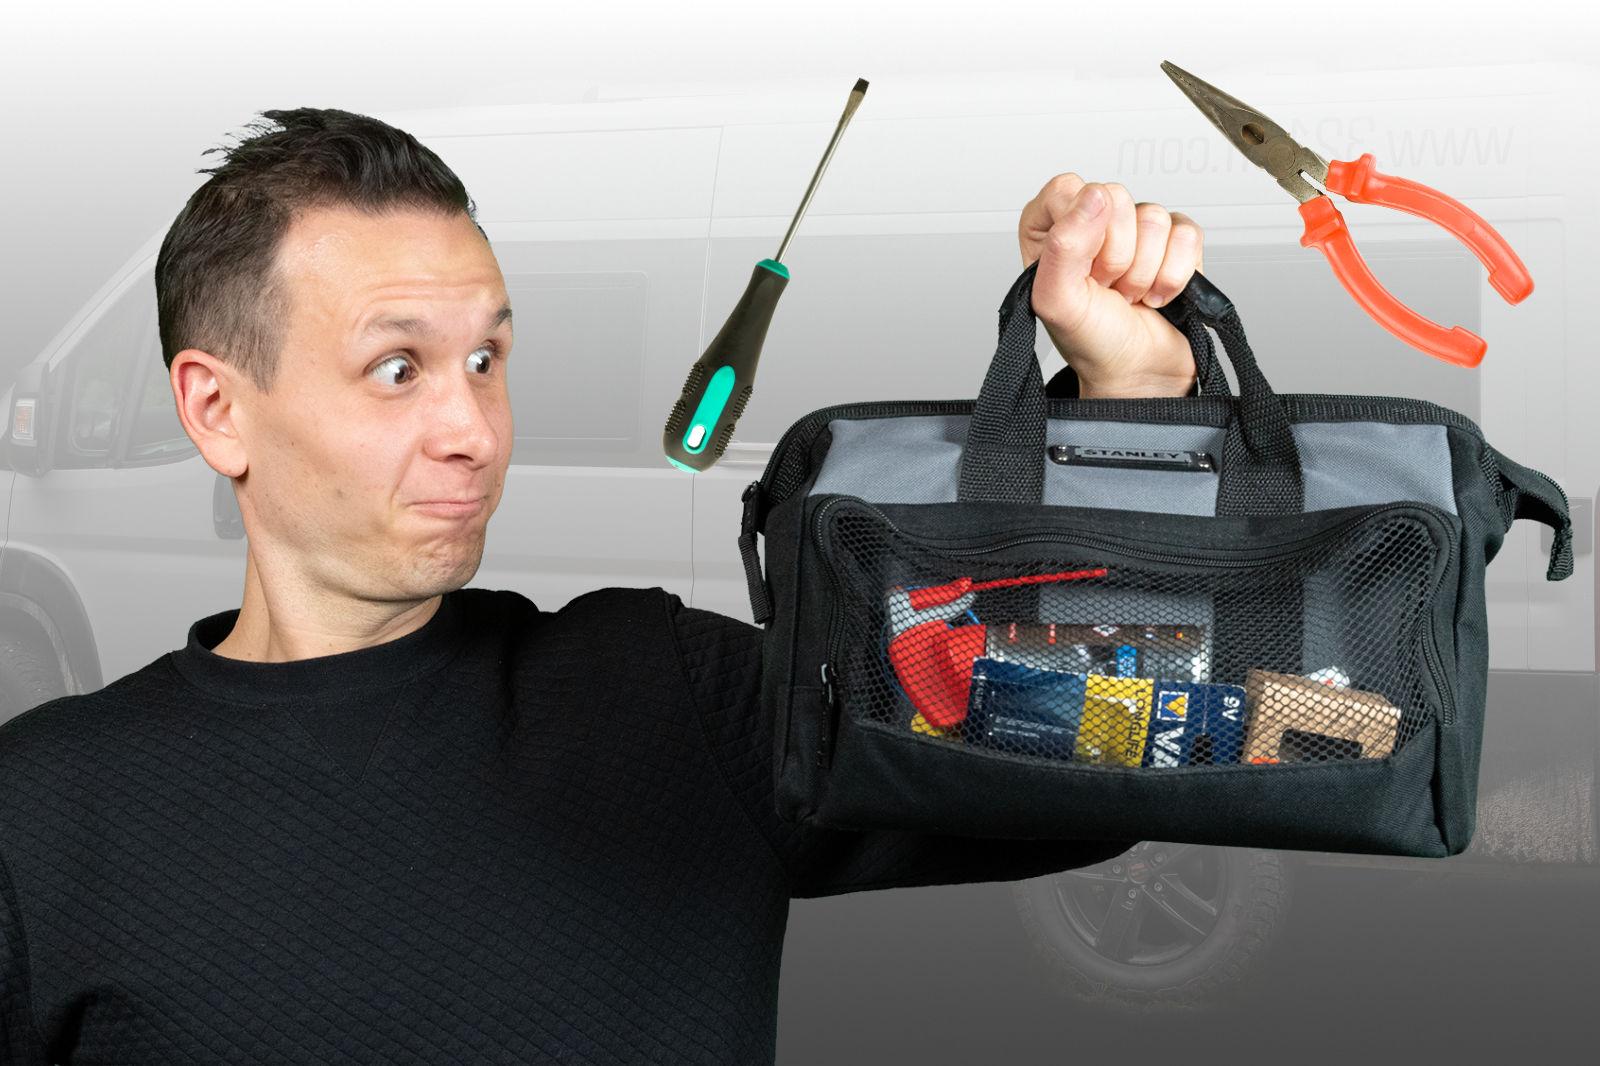 Werkzeug und Pannenhilfe